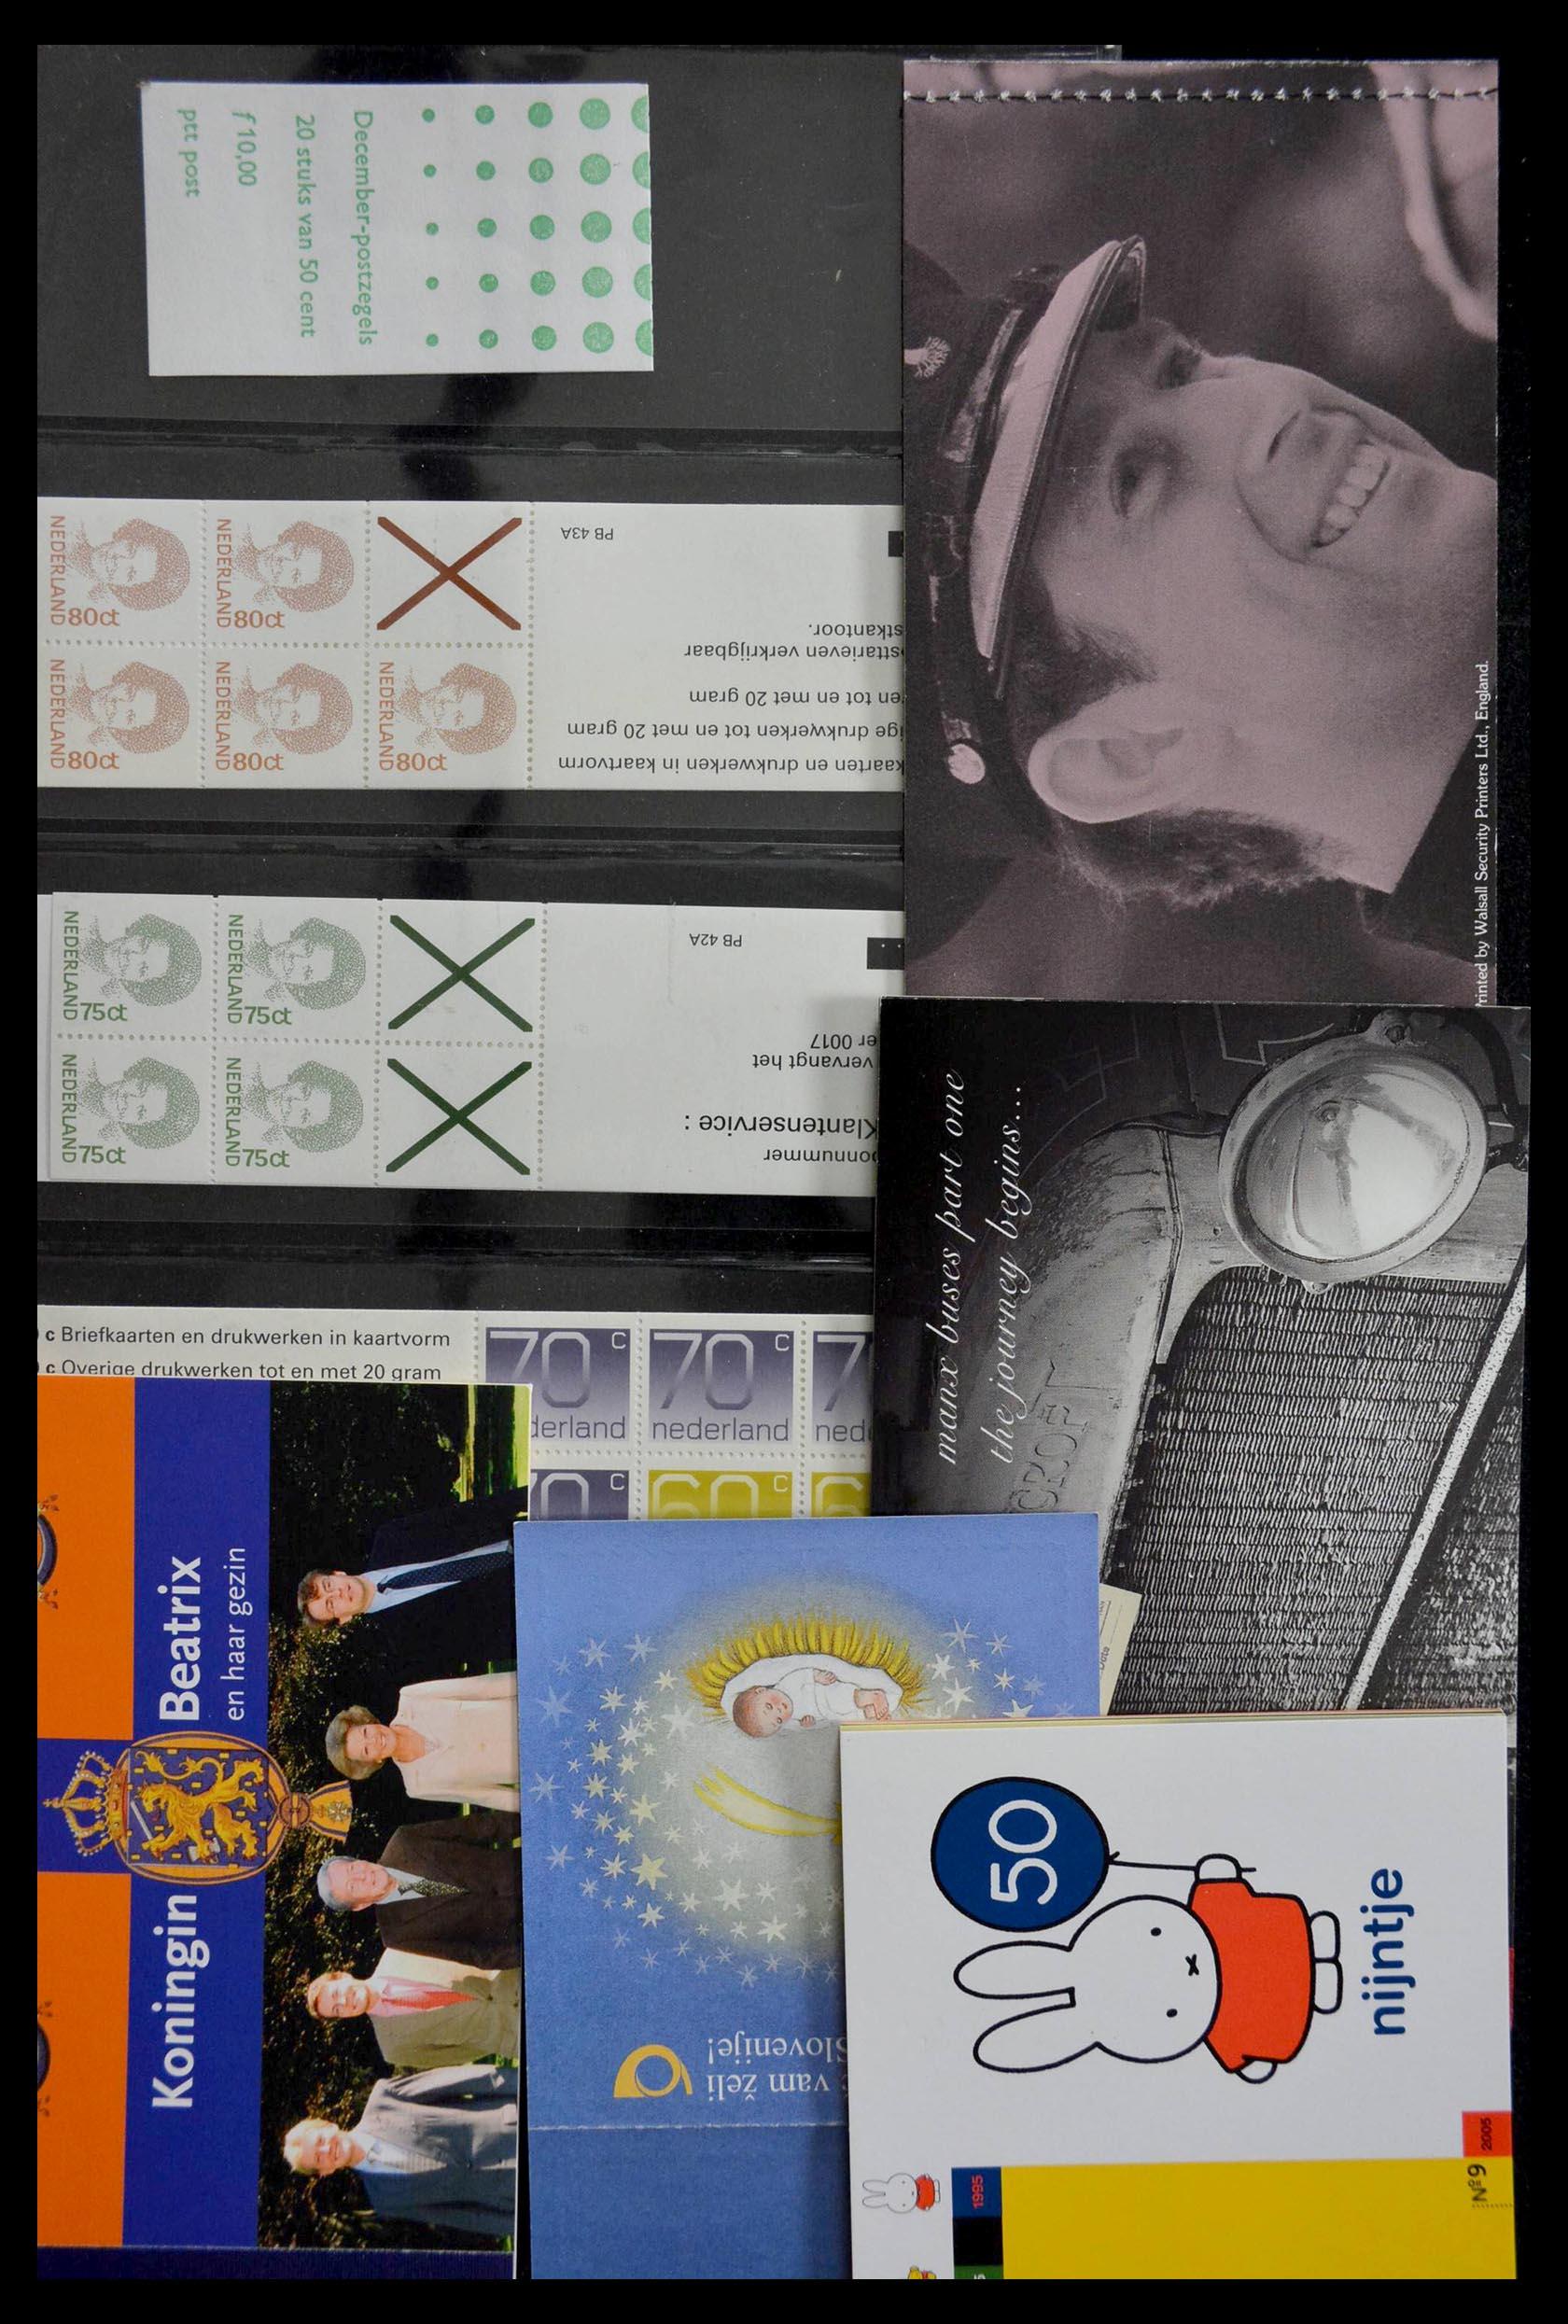 28824 015 - 28824 West Europa postzegelboekjes t/m modern.